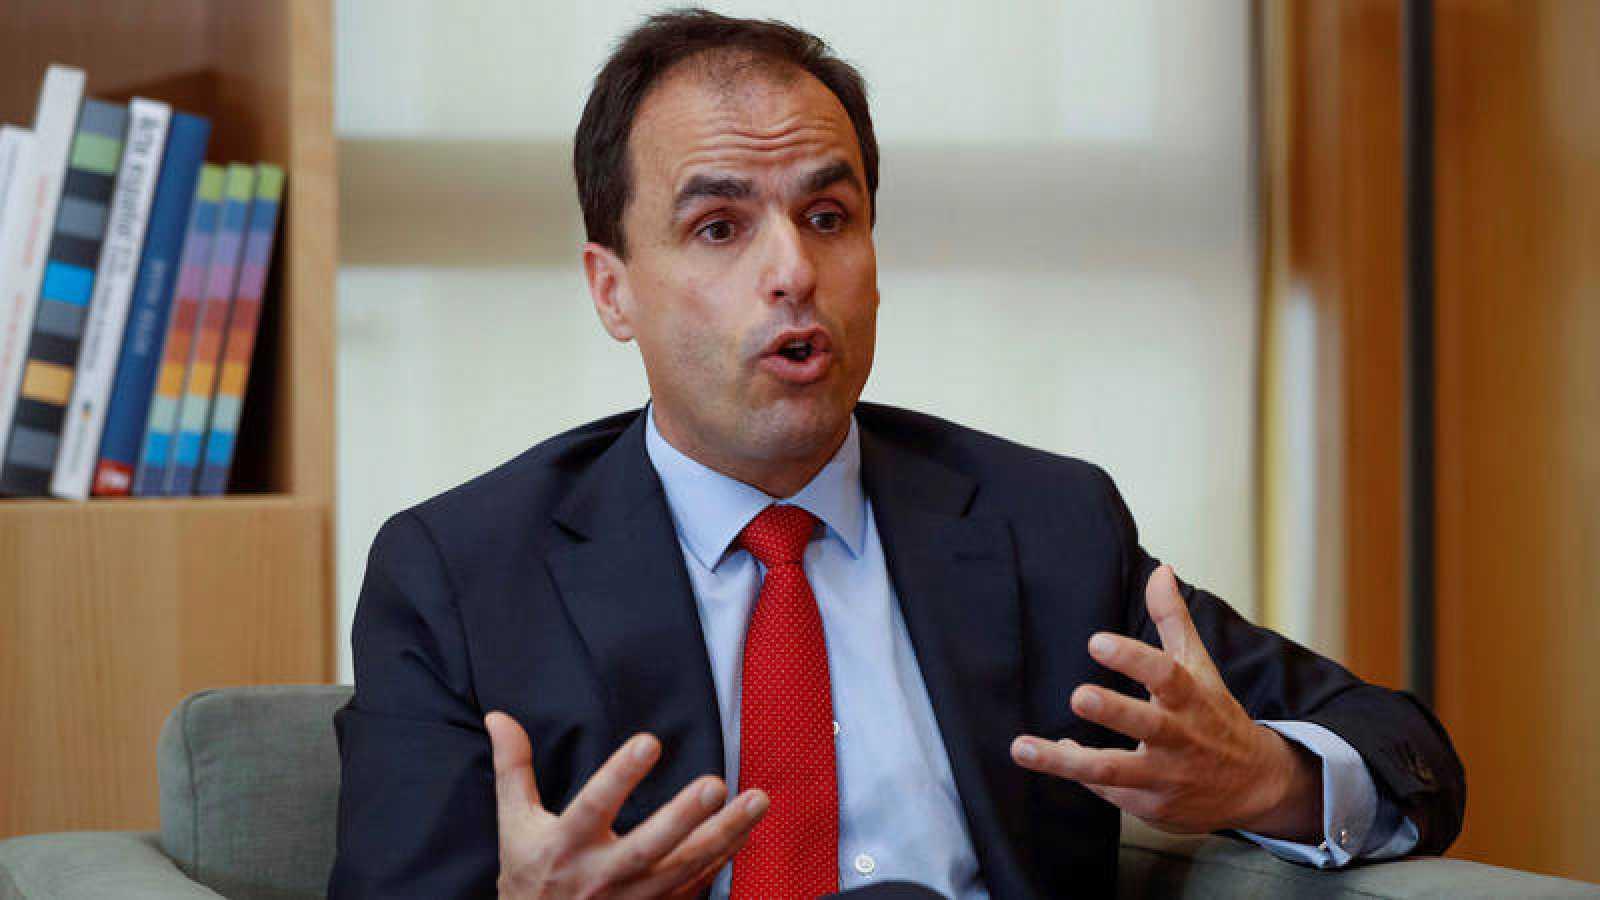 El rector de la Universidad Rey Juan Carlos, Javier Ramos, durante la entrevista con la Agencia Efe